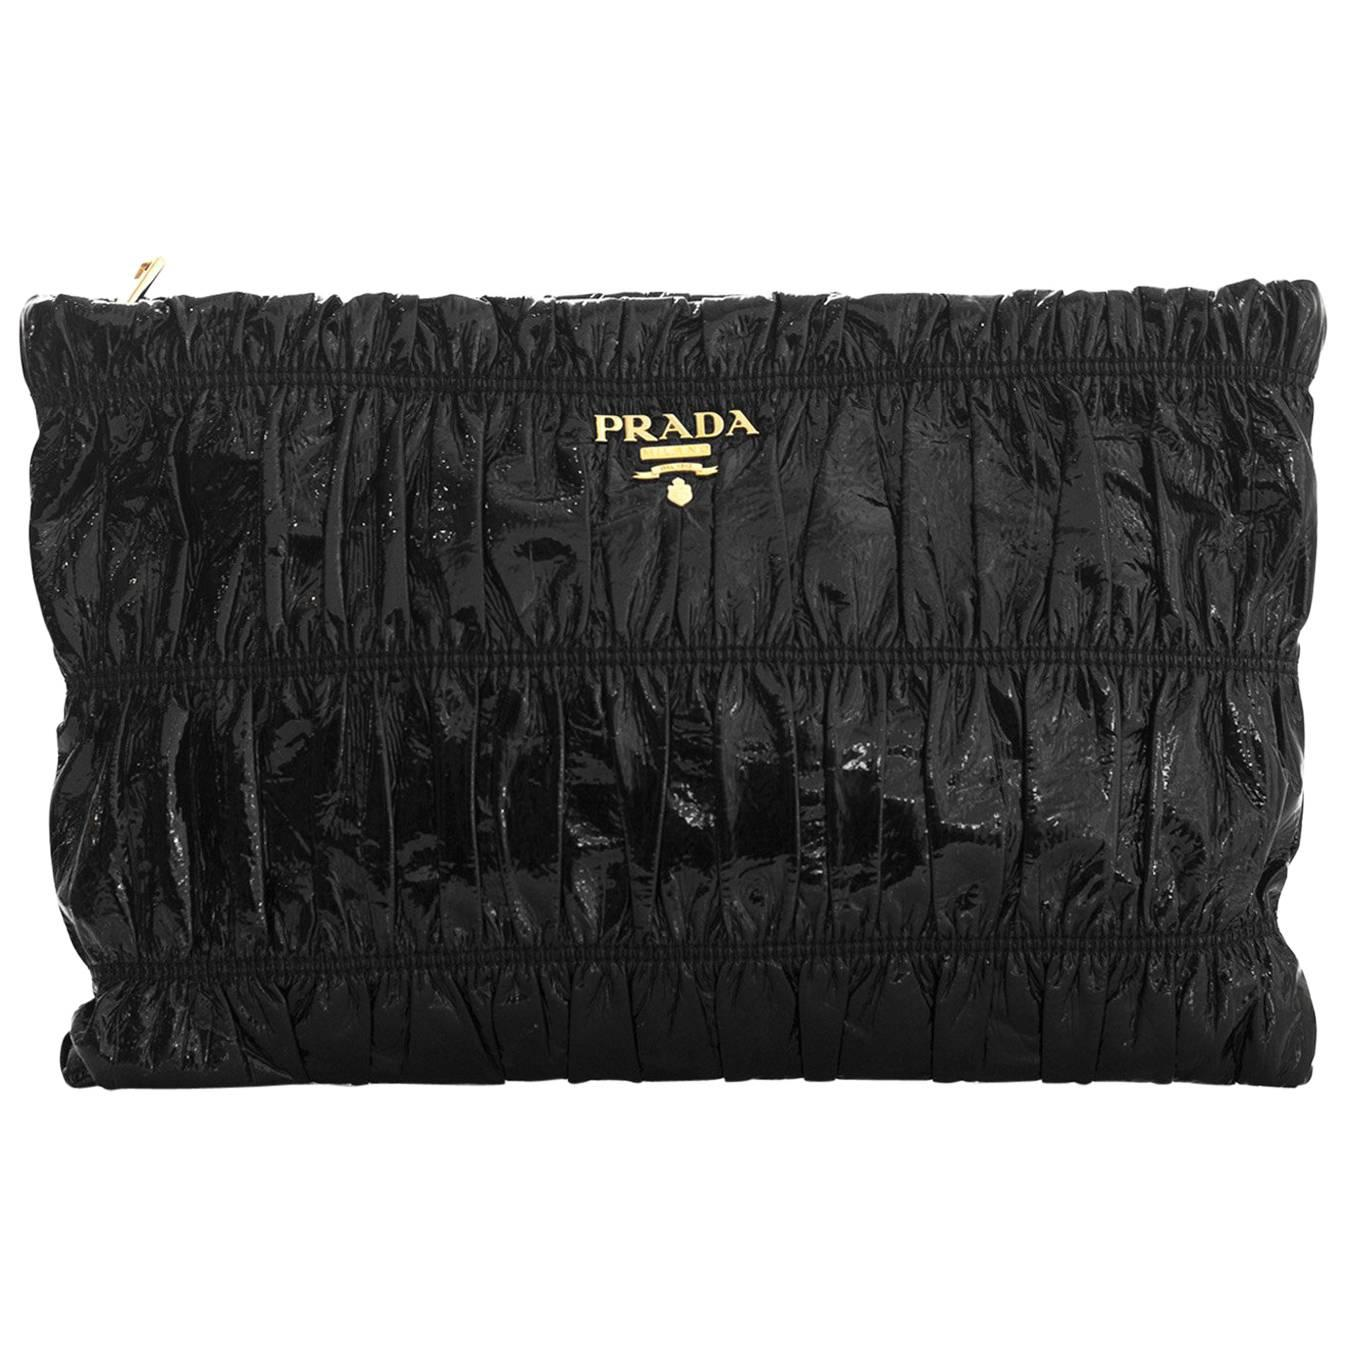 Prada 1990s Prada Evening Bag With Mink Trim EBB7FWg2wU